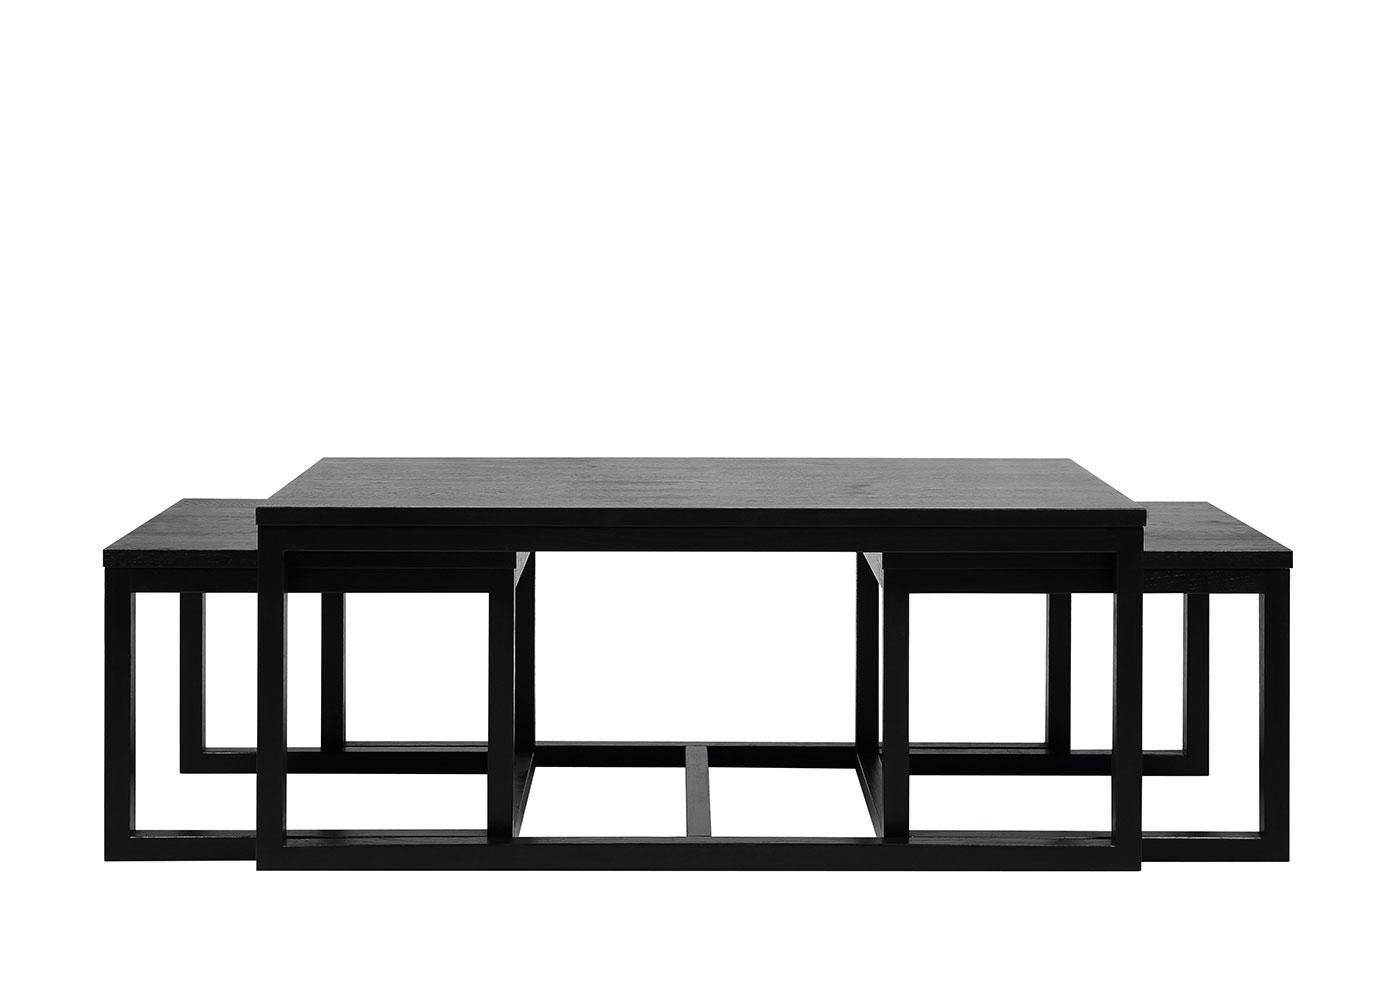 Konferenční stolky Canvas, sada 3 ks, černá